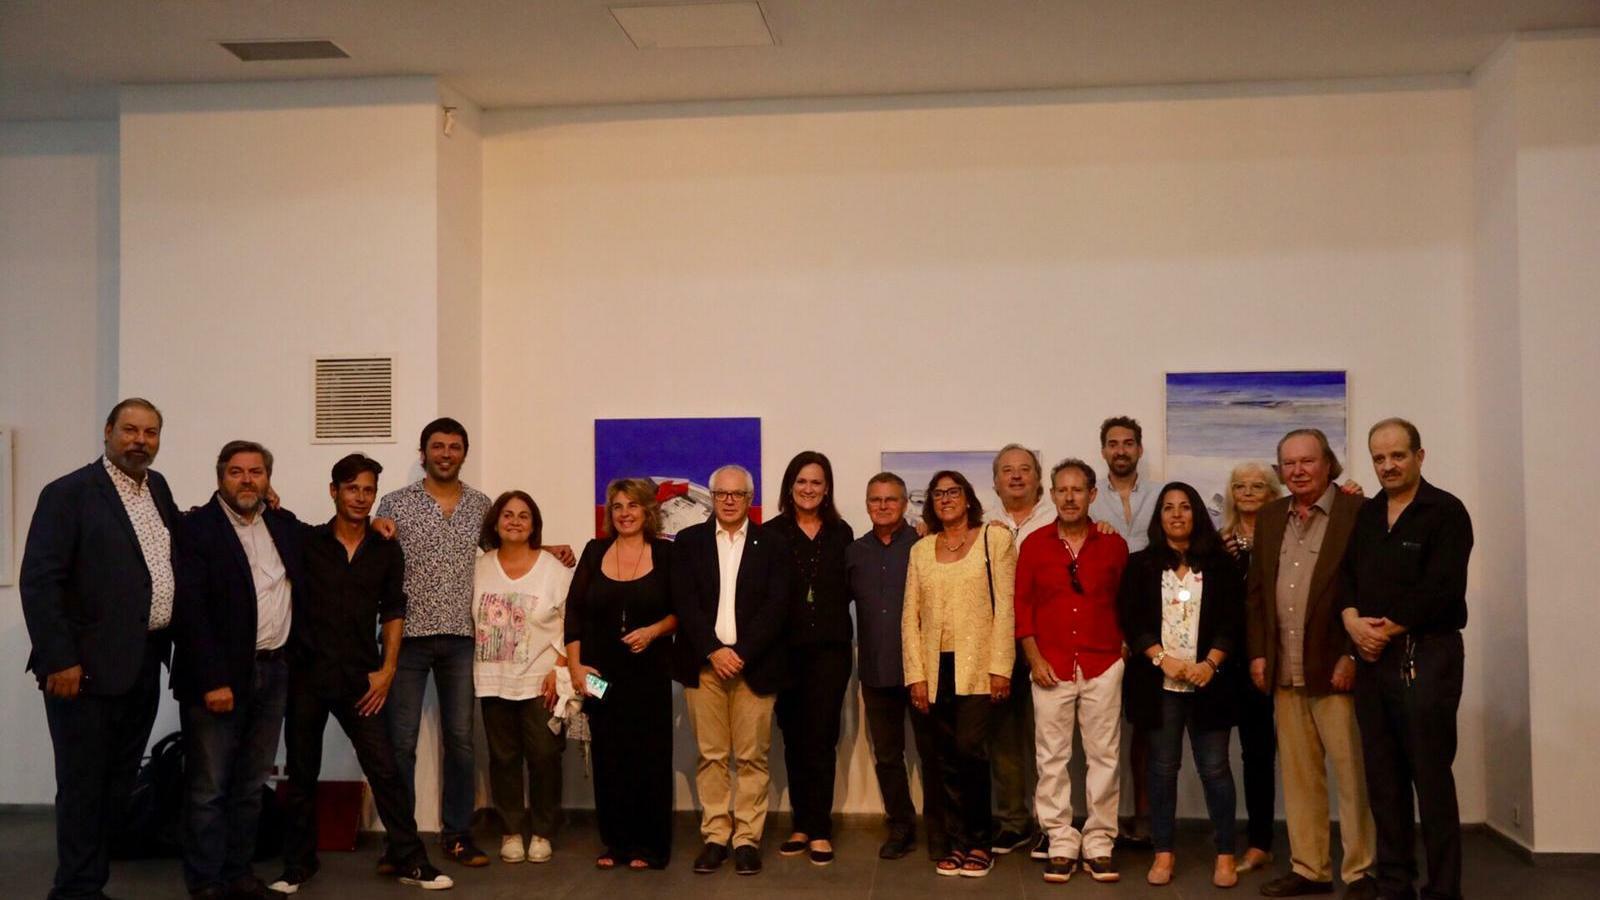 Els artistes presents a la inauguració de la mostra, el comissari Antoni Torres, el president de la Fundació Baleària Ricard Pérez.